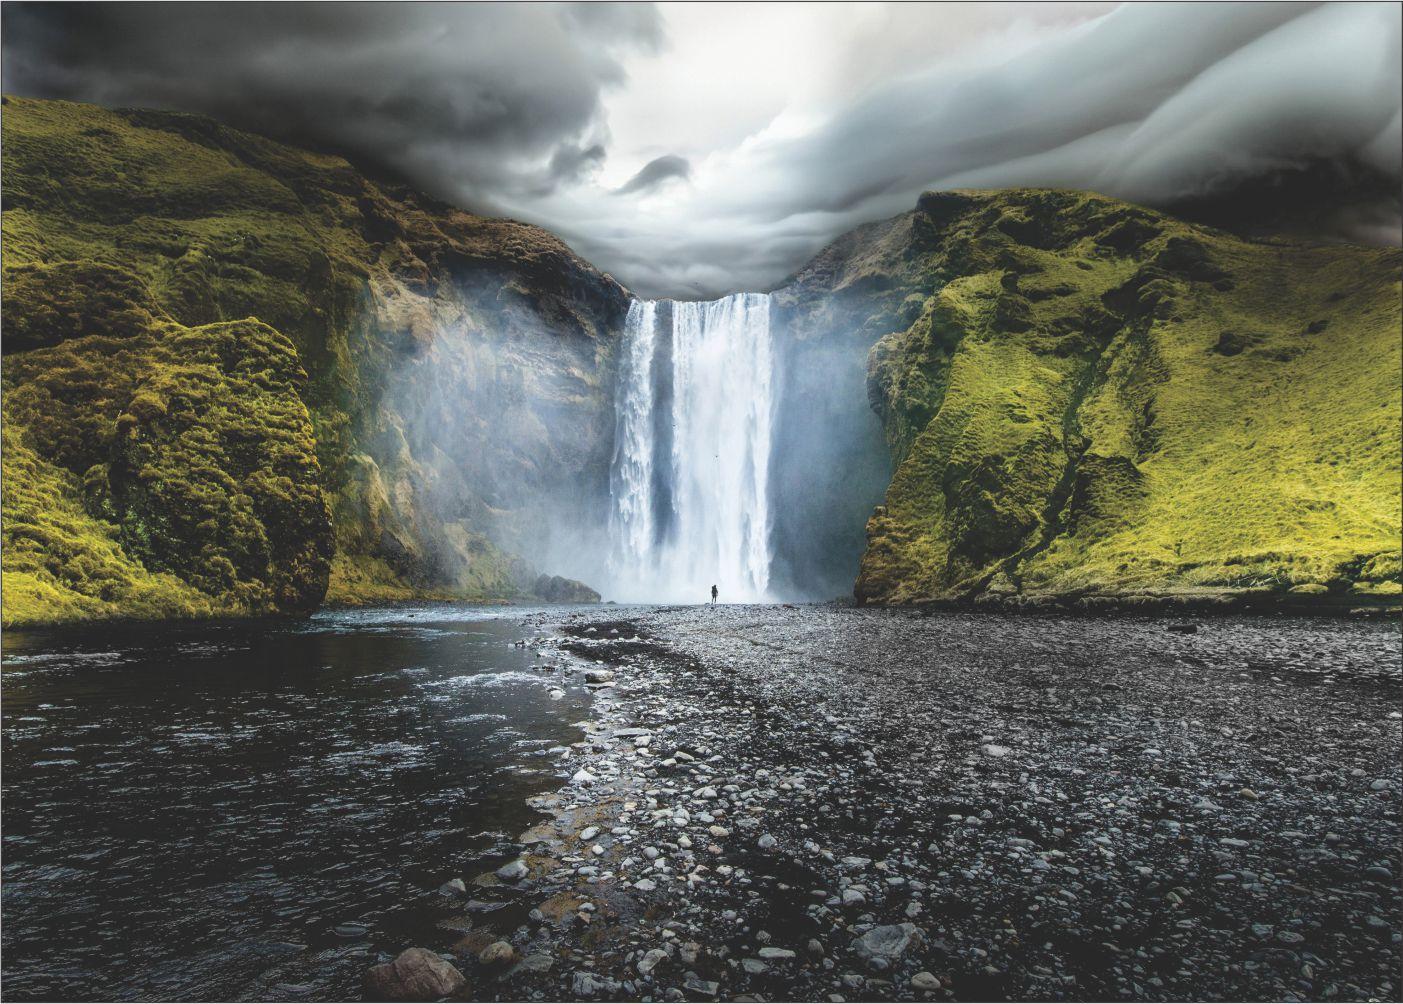 Papel De Parede 3D | Cachoeiras 0008 - papel de parede paisagem  - Paredes Decoradas